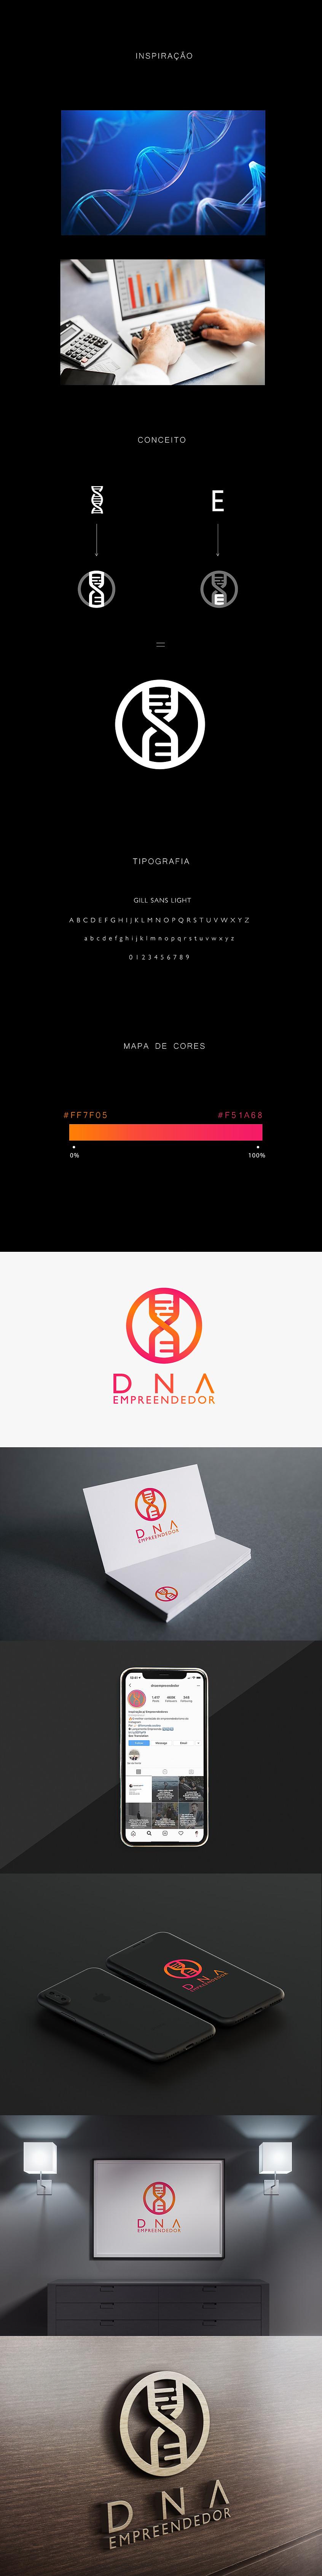 DNA apresentação.jpg